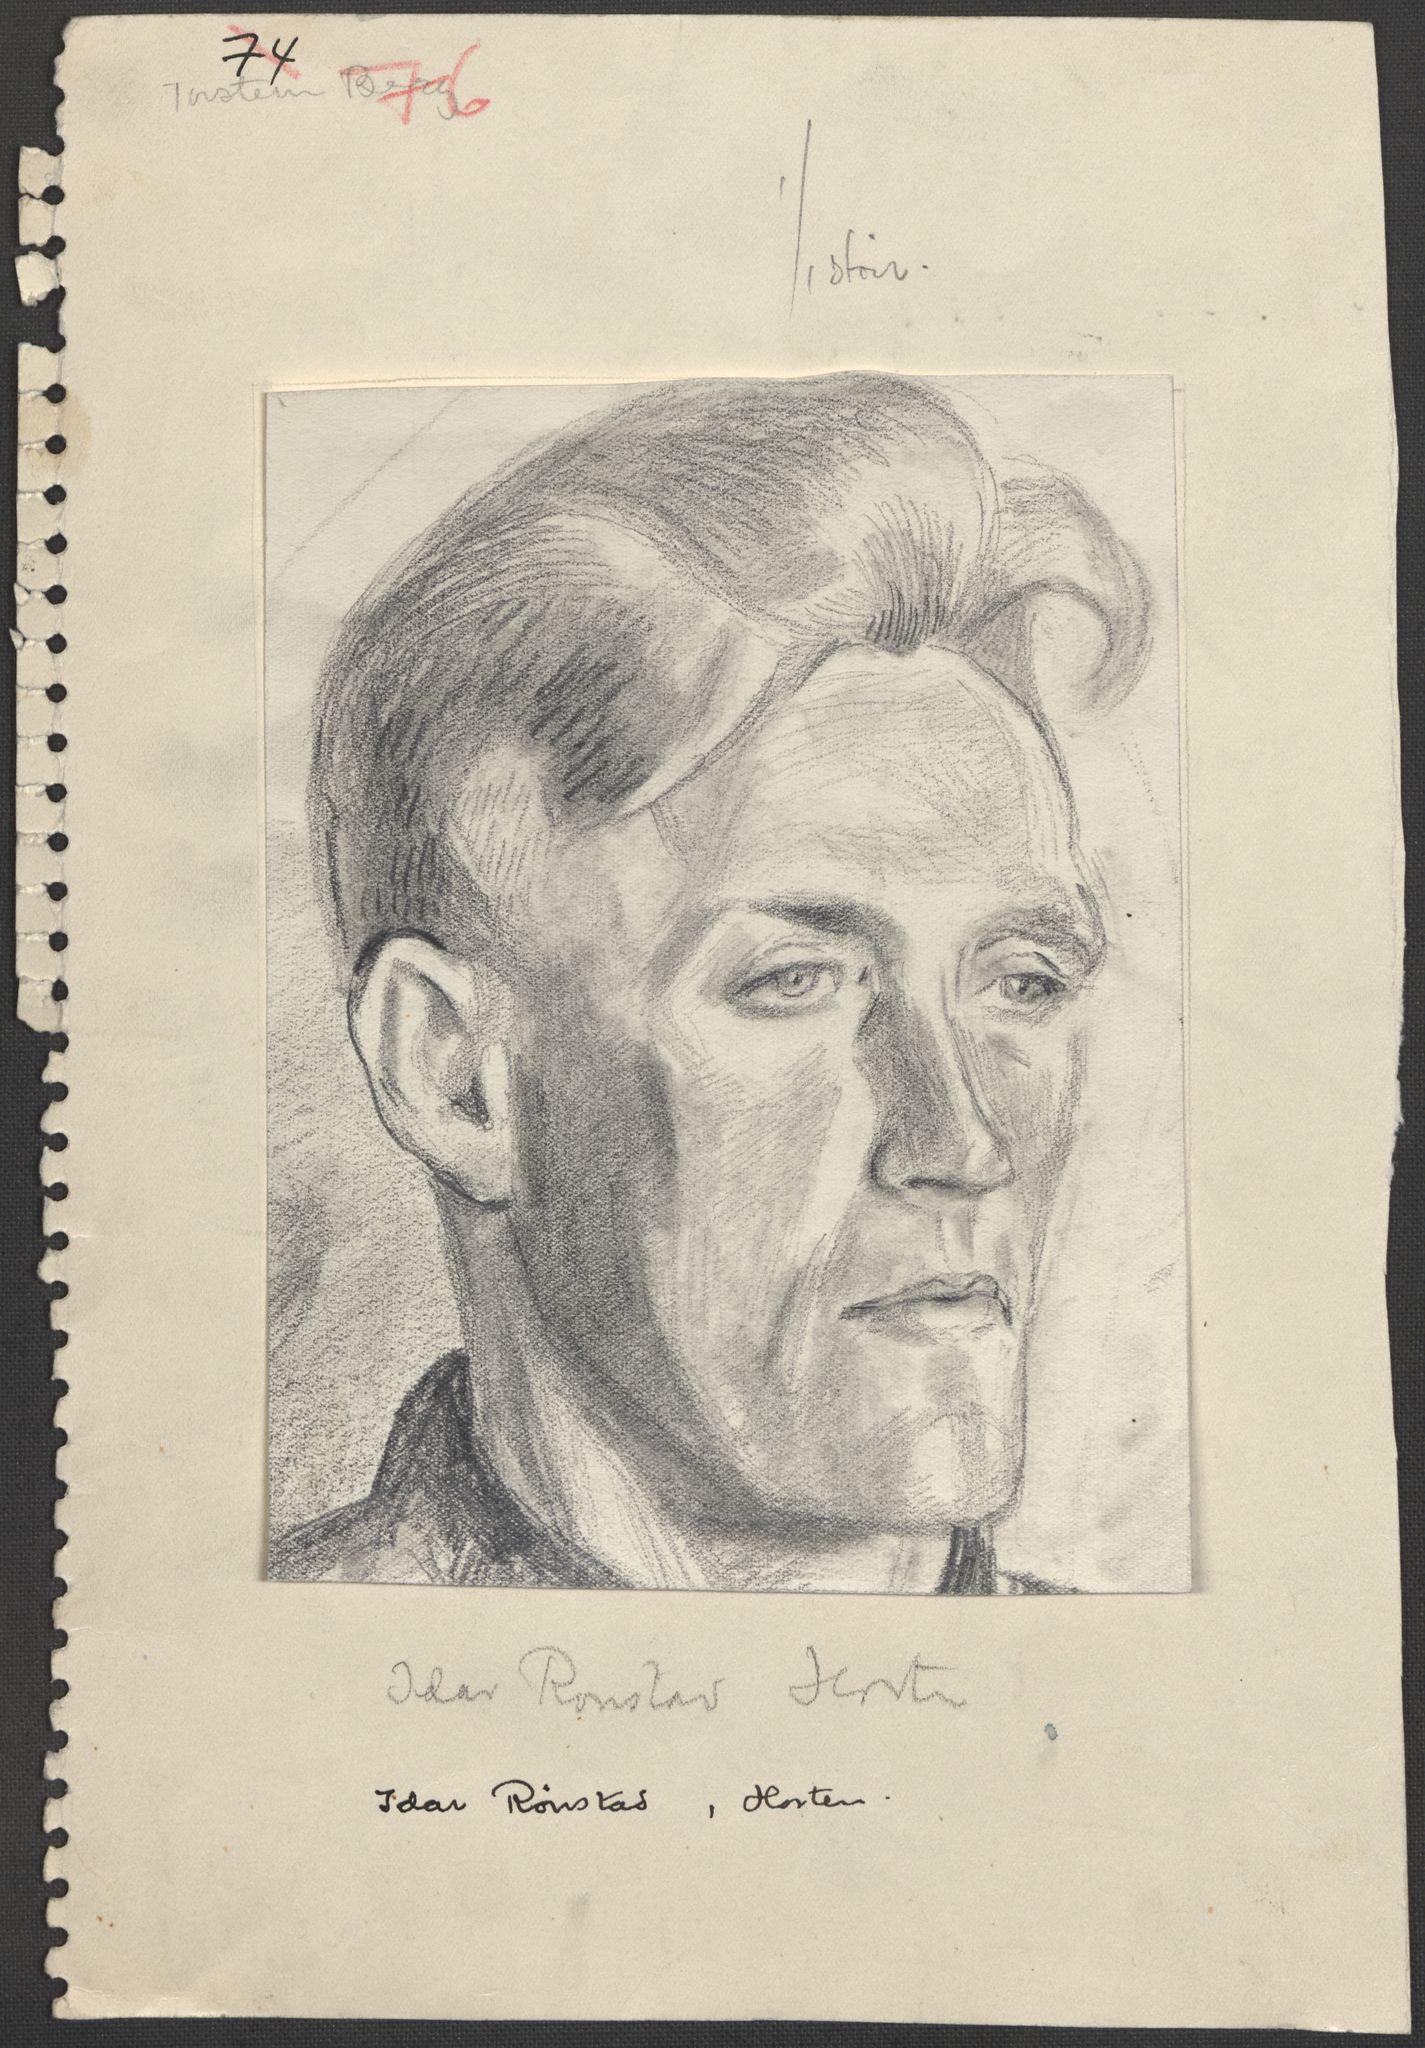 RA, Grøgaard, Joachim, F/L0002: Tegninger og tekster, 1942-1945, s. 122